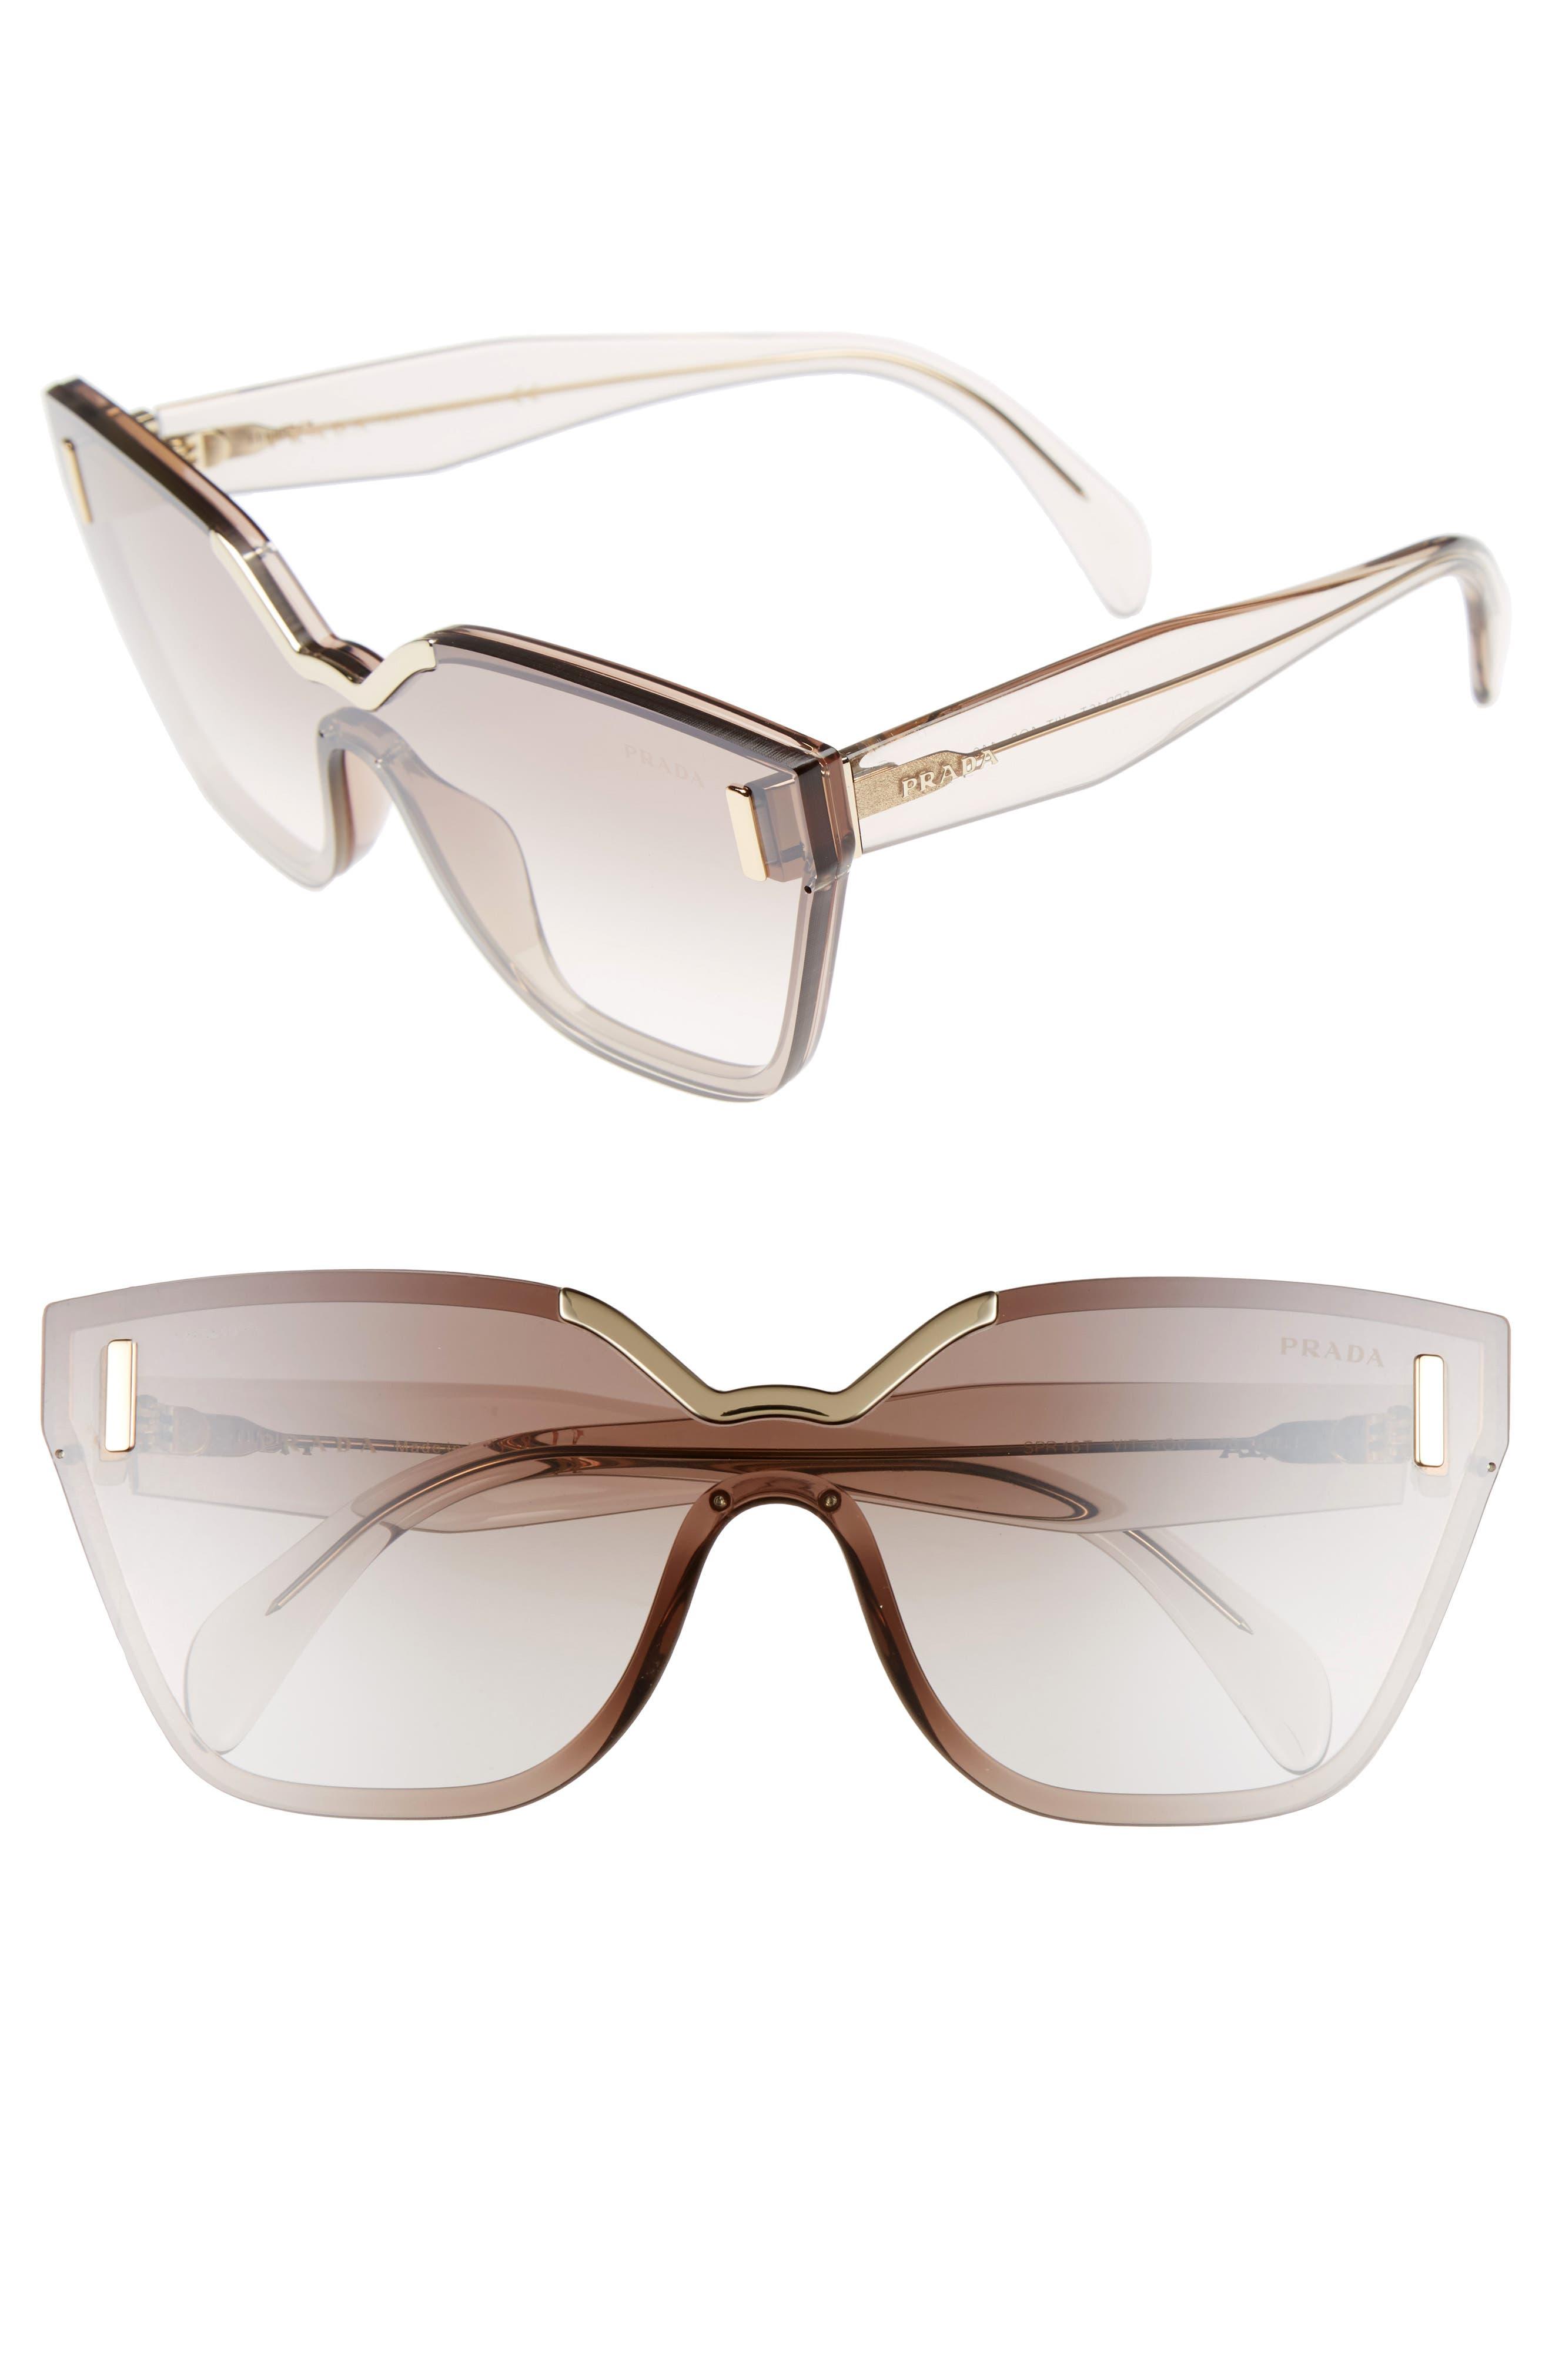 PRADA 61mm Mirrored Shield Sunglasses